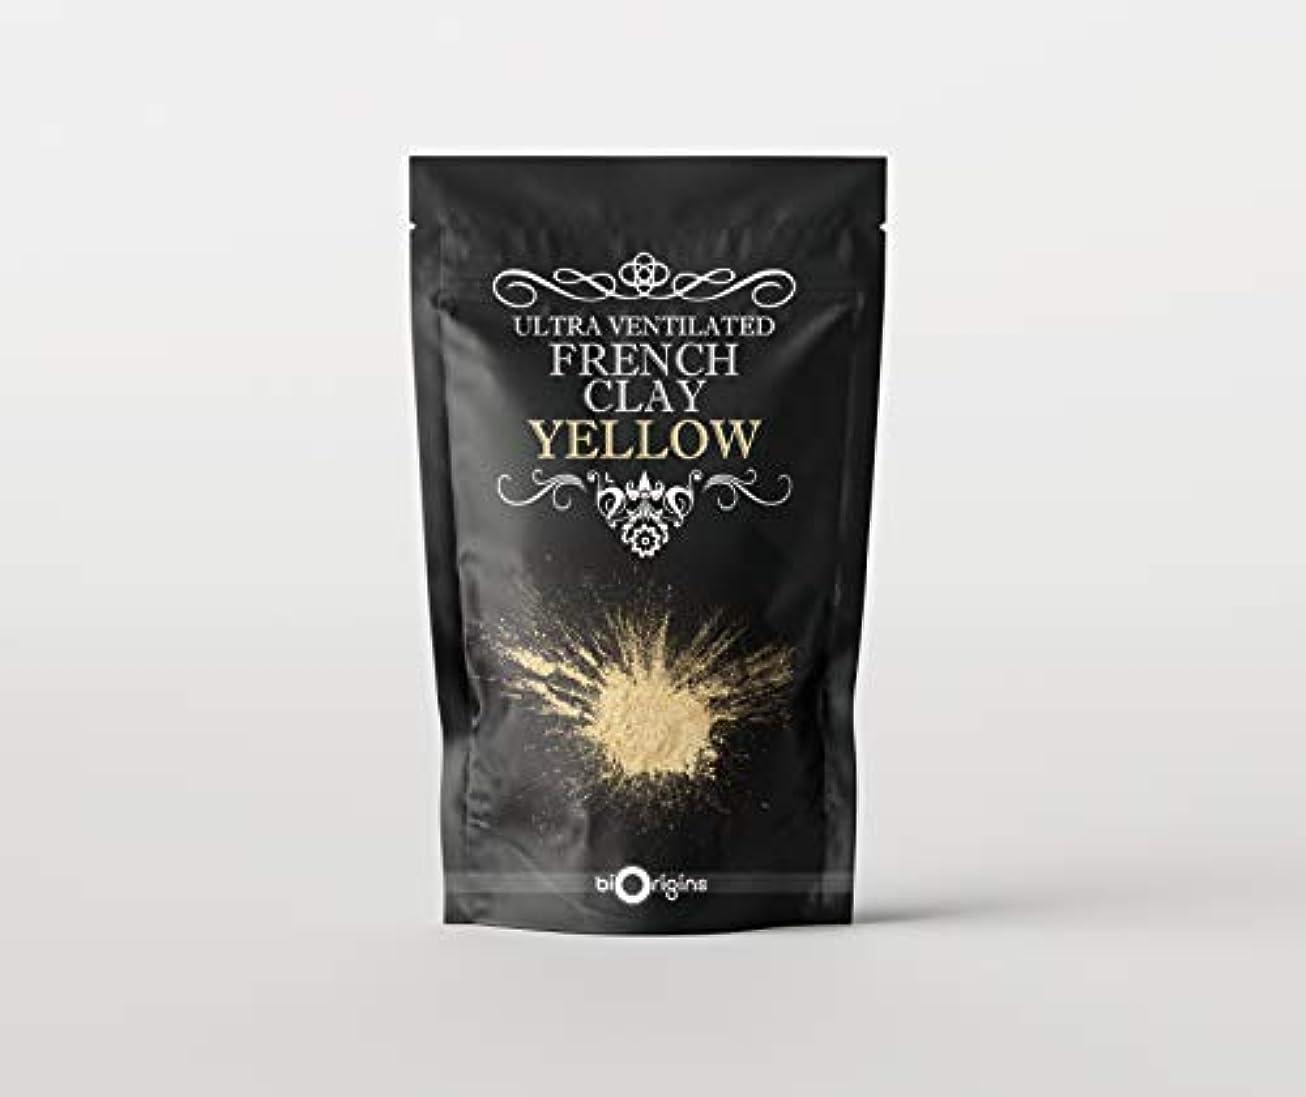 性交一生ブルームYellow Ultra Ventilated French Clay - 500g